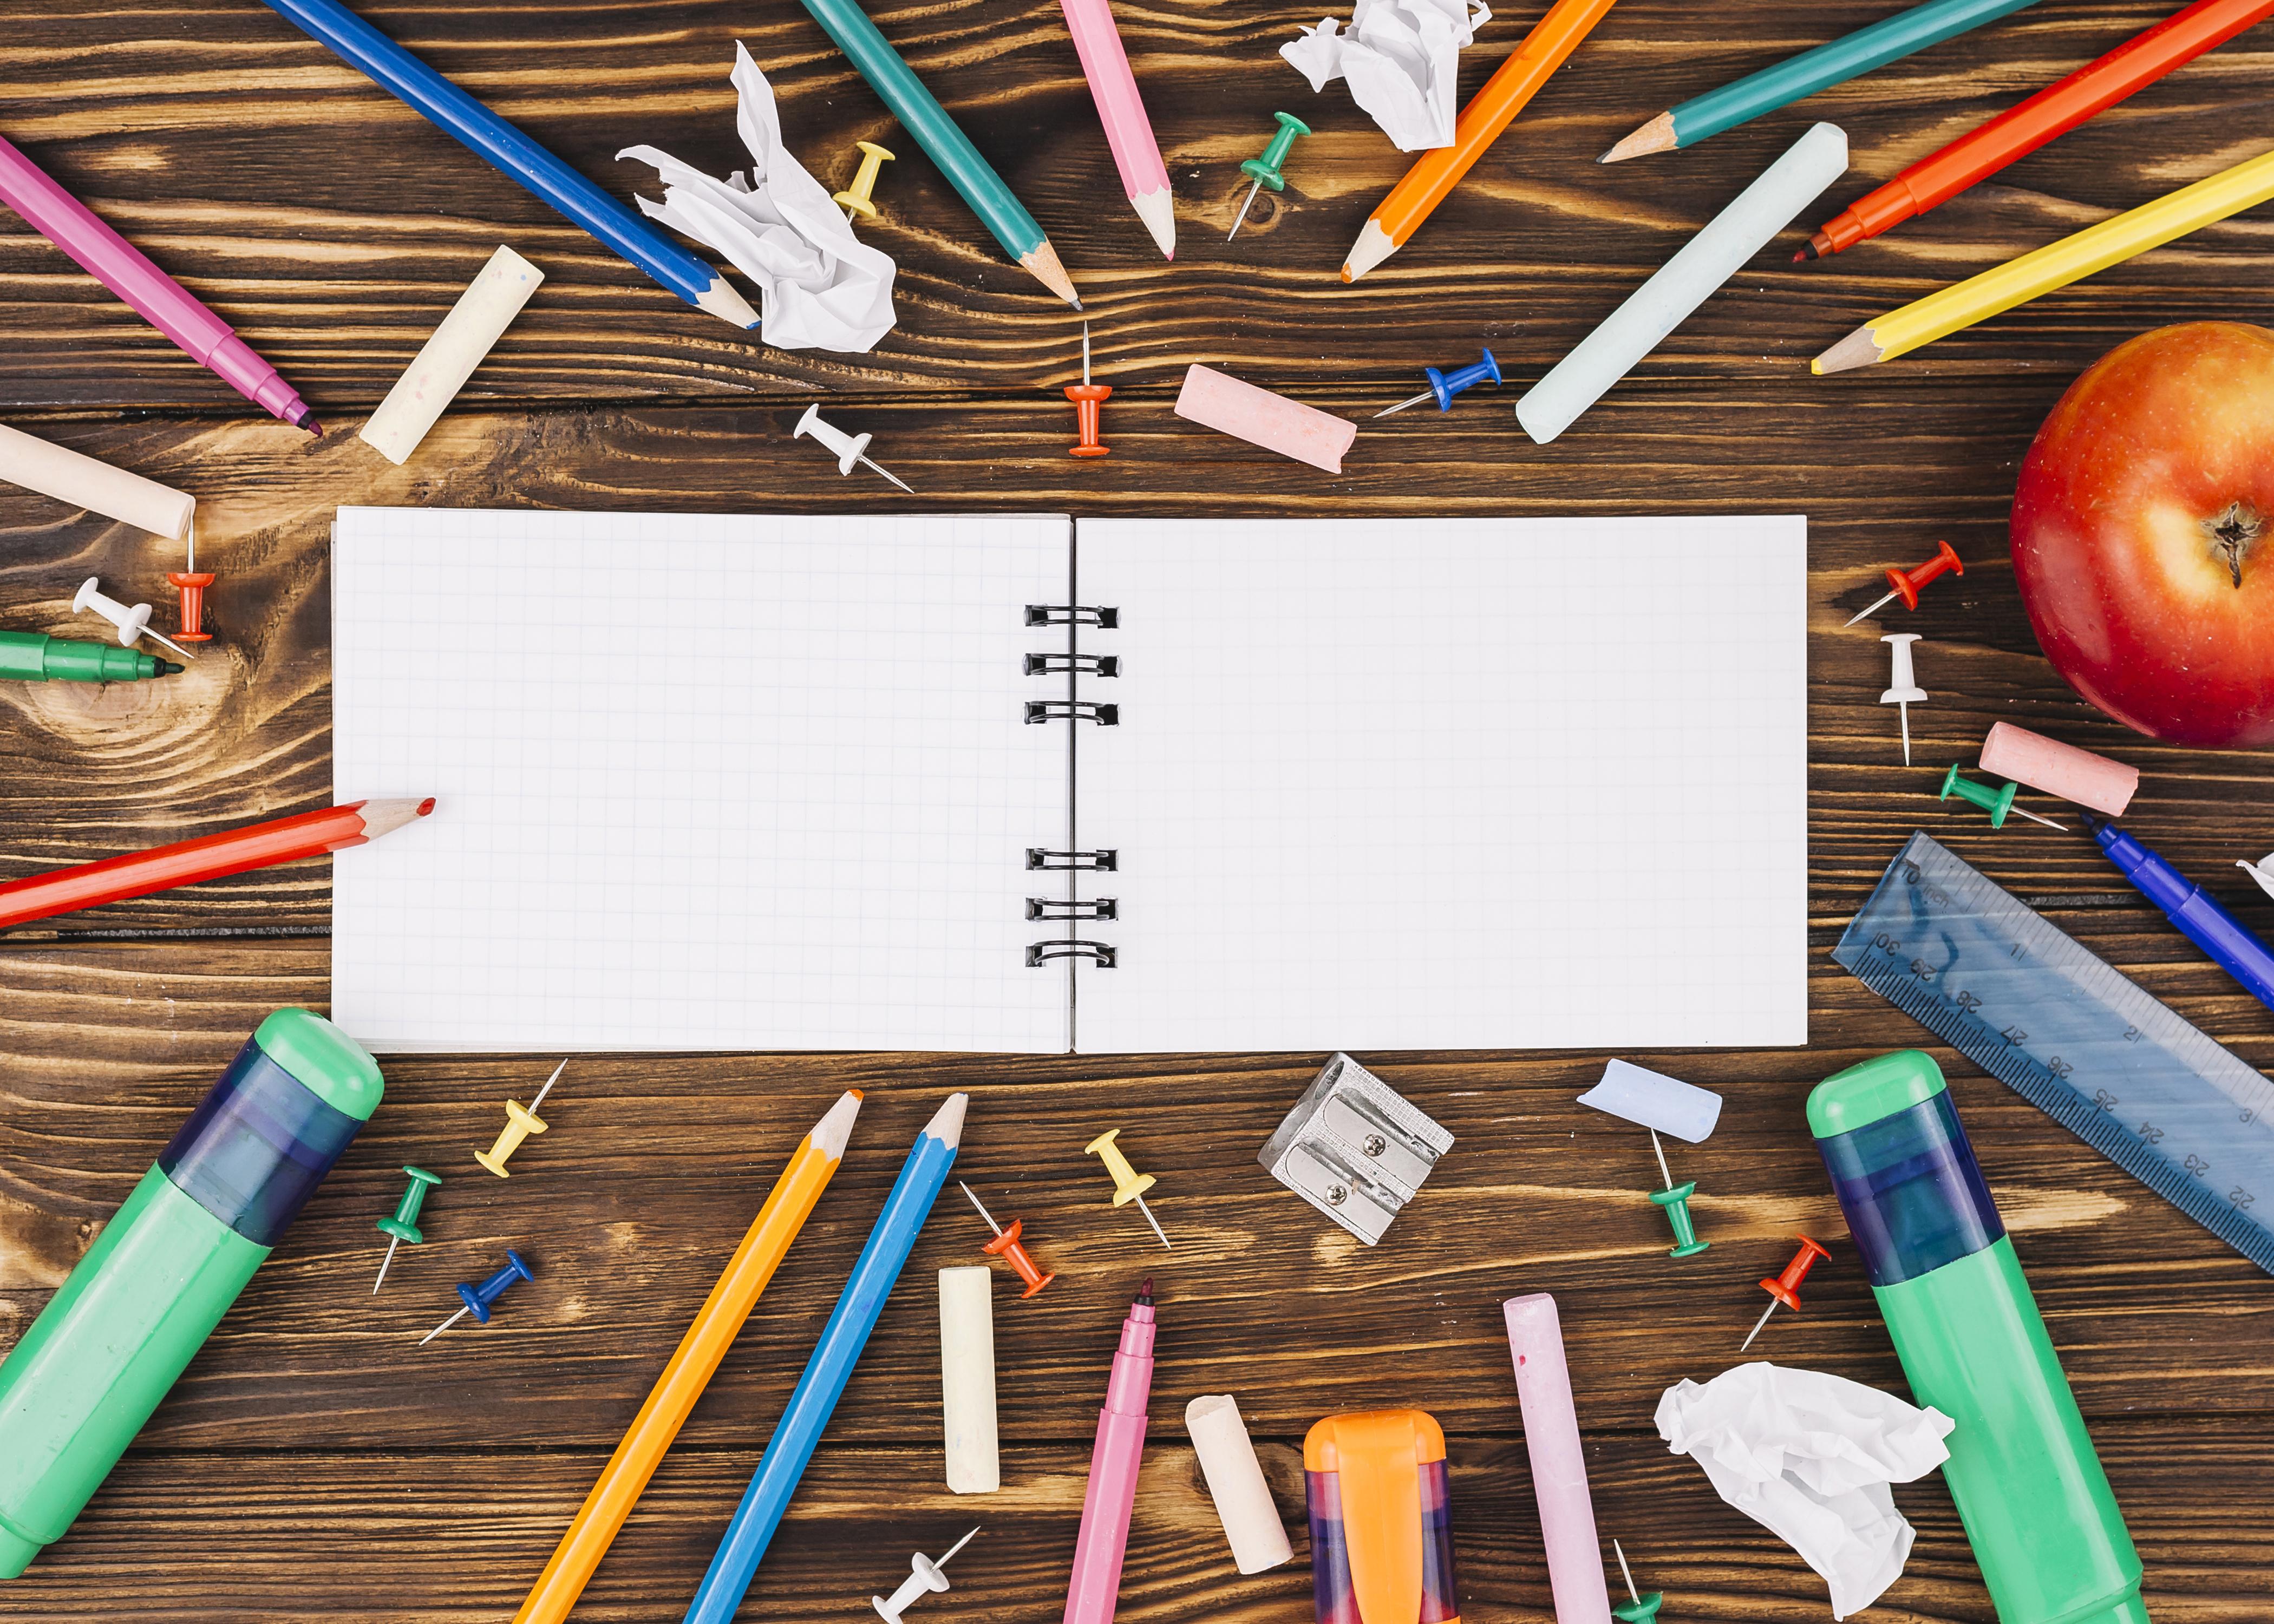 Фото Канцелярские товары школьные Карандаши Тетрадь Доски 4200x3000 Школа